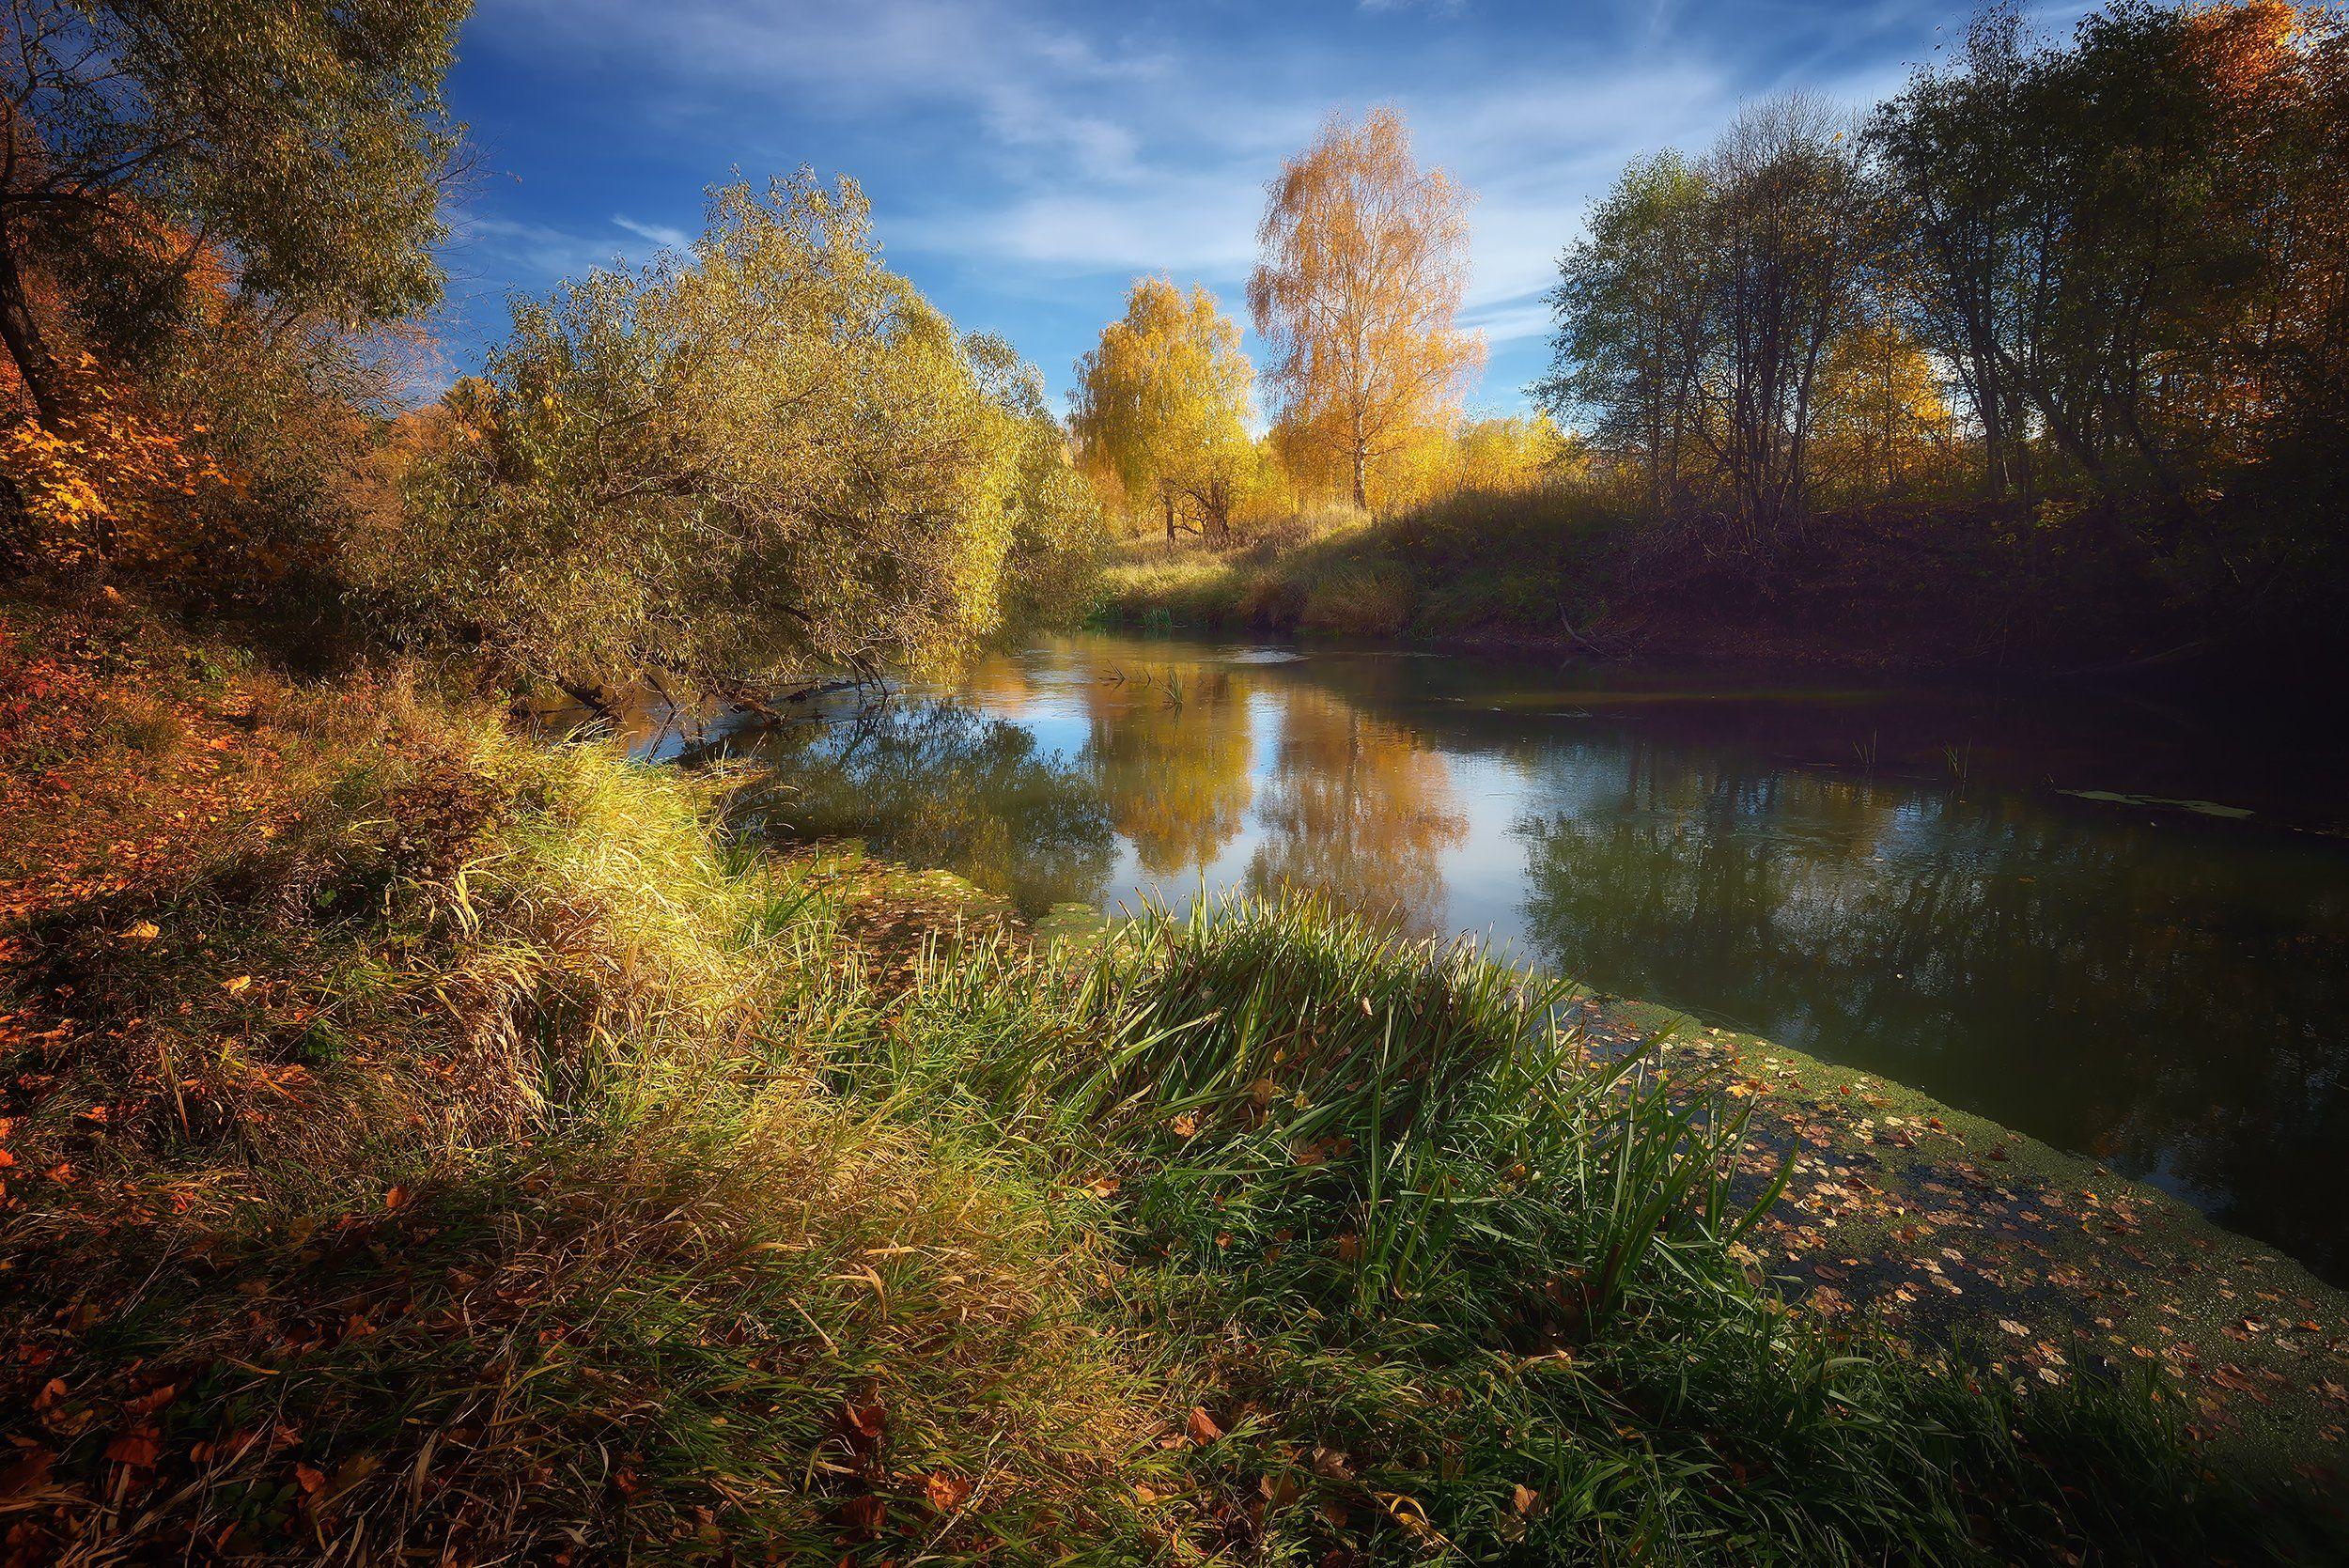 лес, природа, пейзаж, осень, река, вода, ручей, подмосковье, Ник Алексей